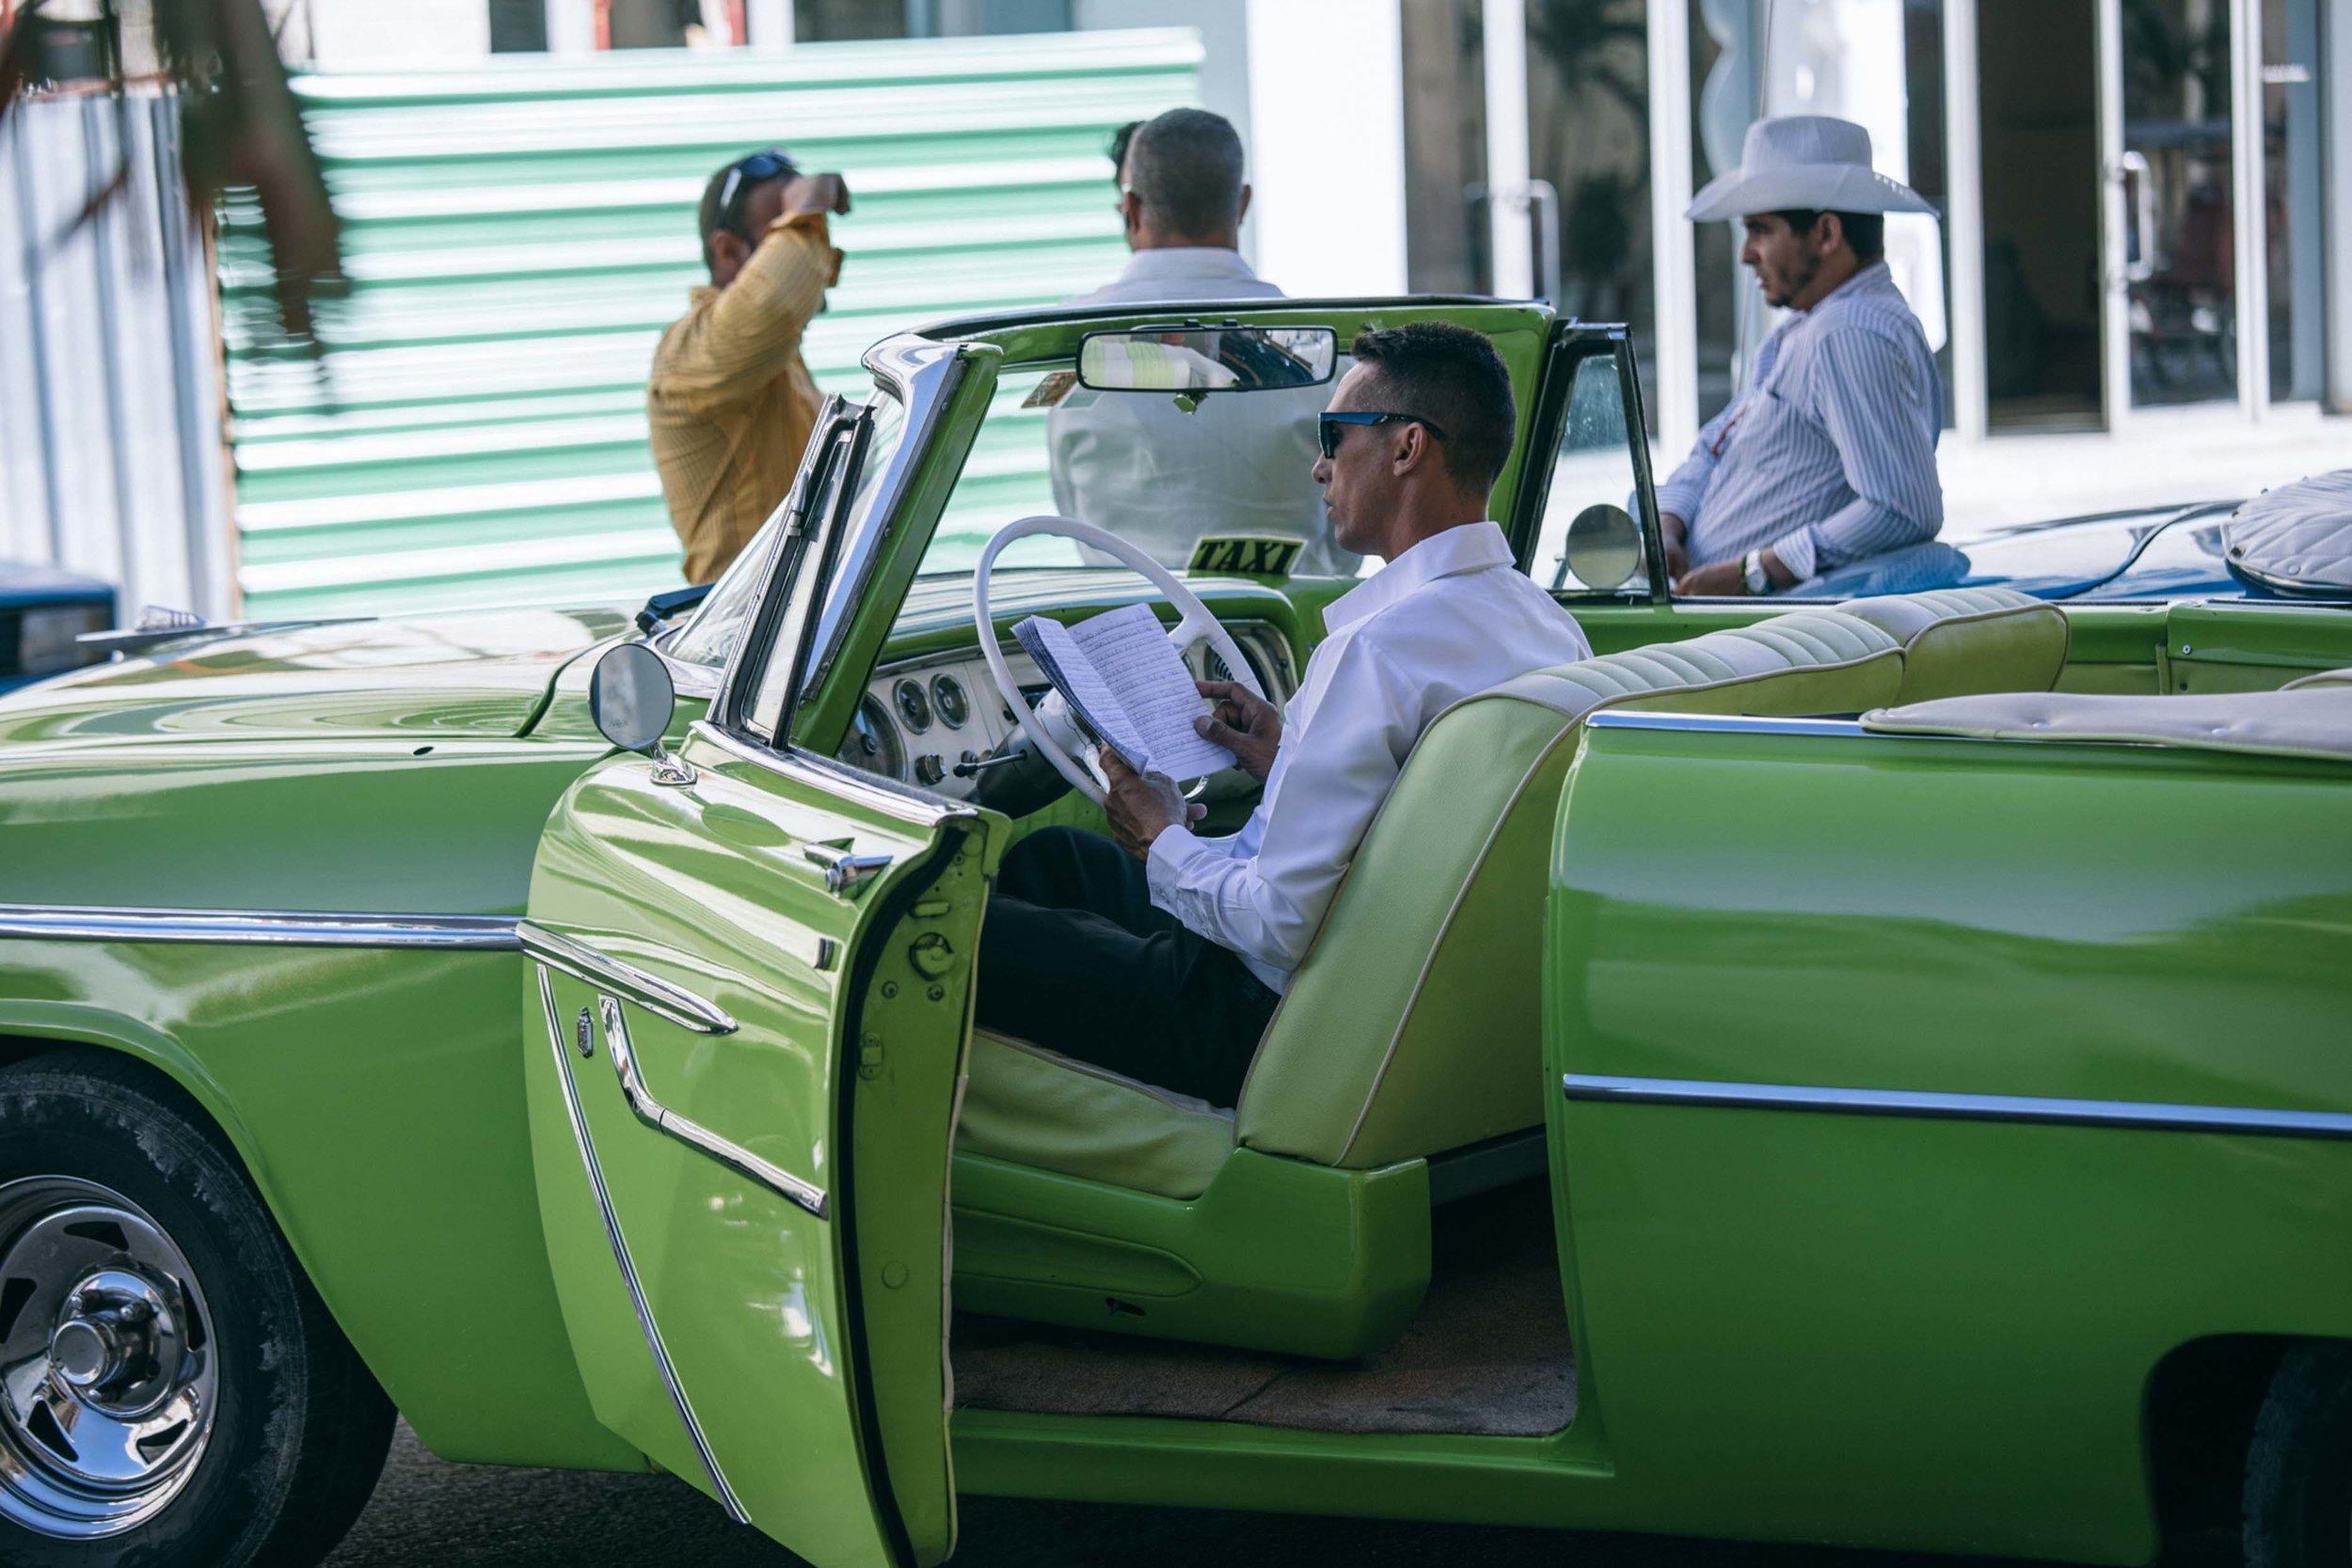 Cuba-davidbraud-0460.jpg